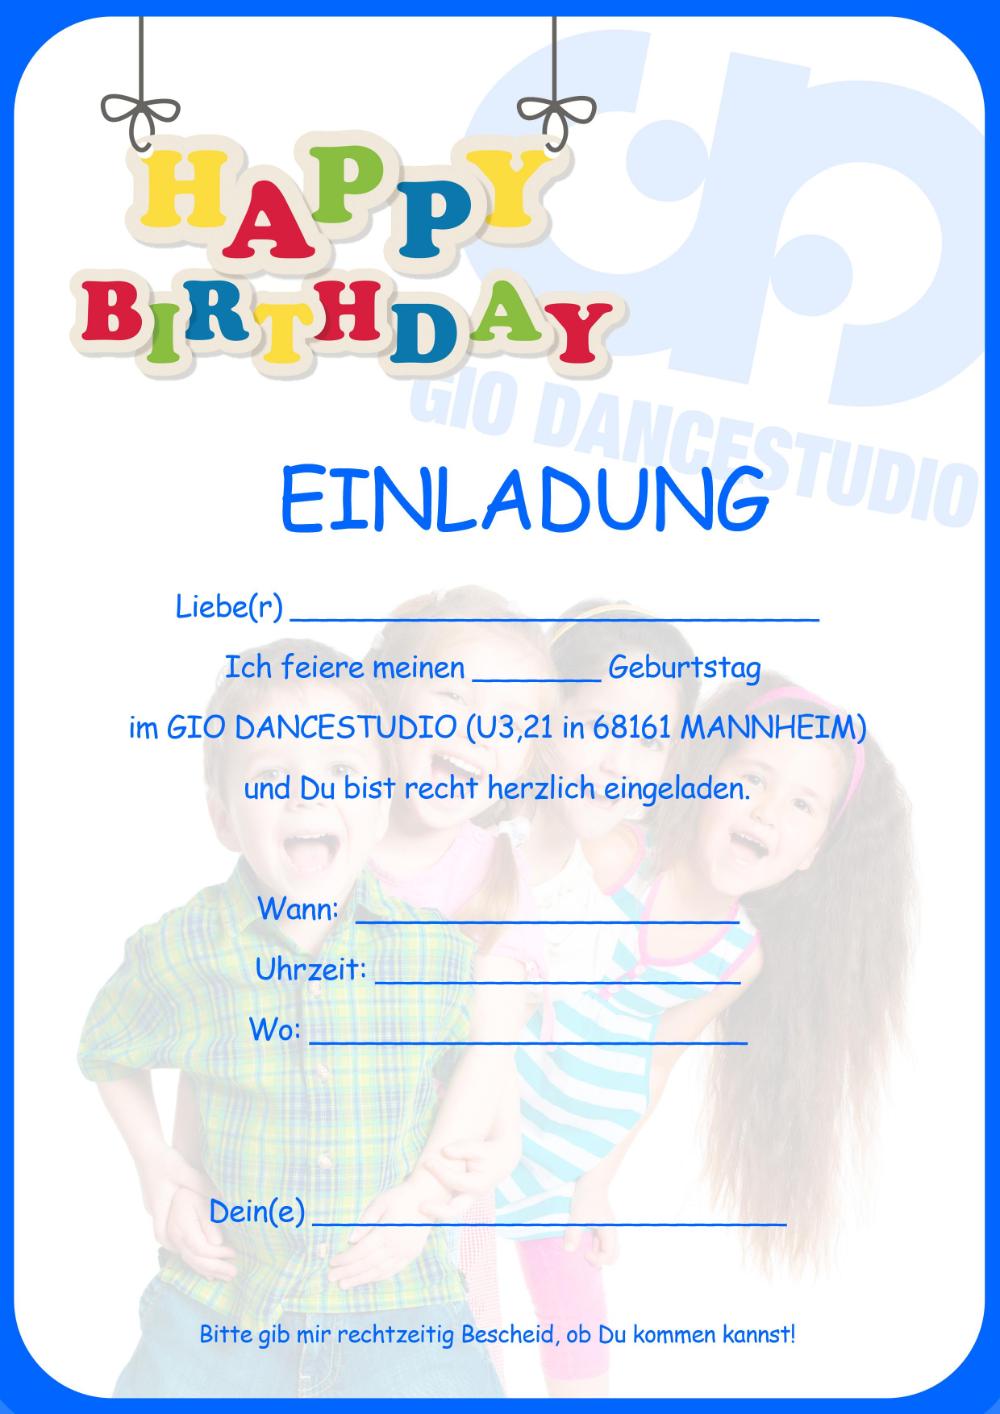 Einladung 18 Geburtstag Ideen Einladungen Geburtstag Einladung Kindergeburtstag Kostenlos Einladungskarten Kindergeburtstag Einladung Kindergeburtstag Text